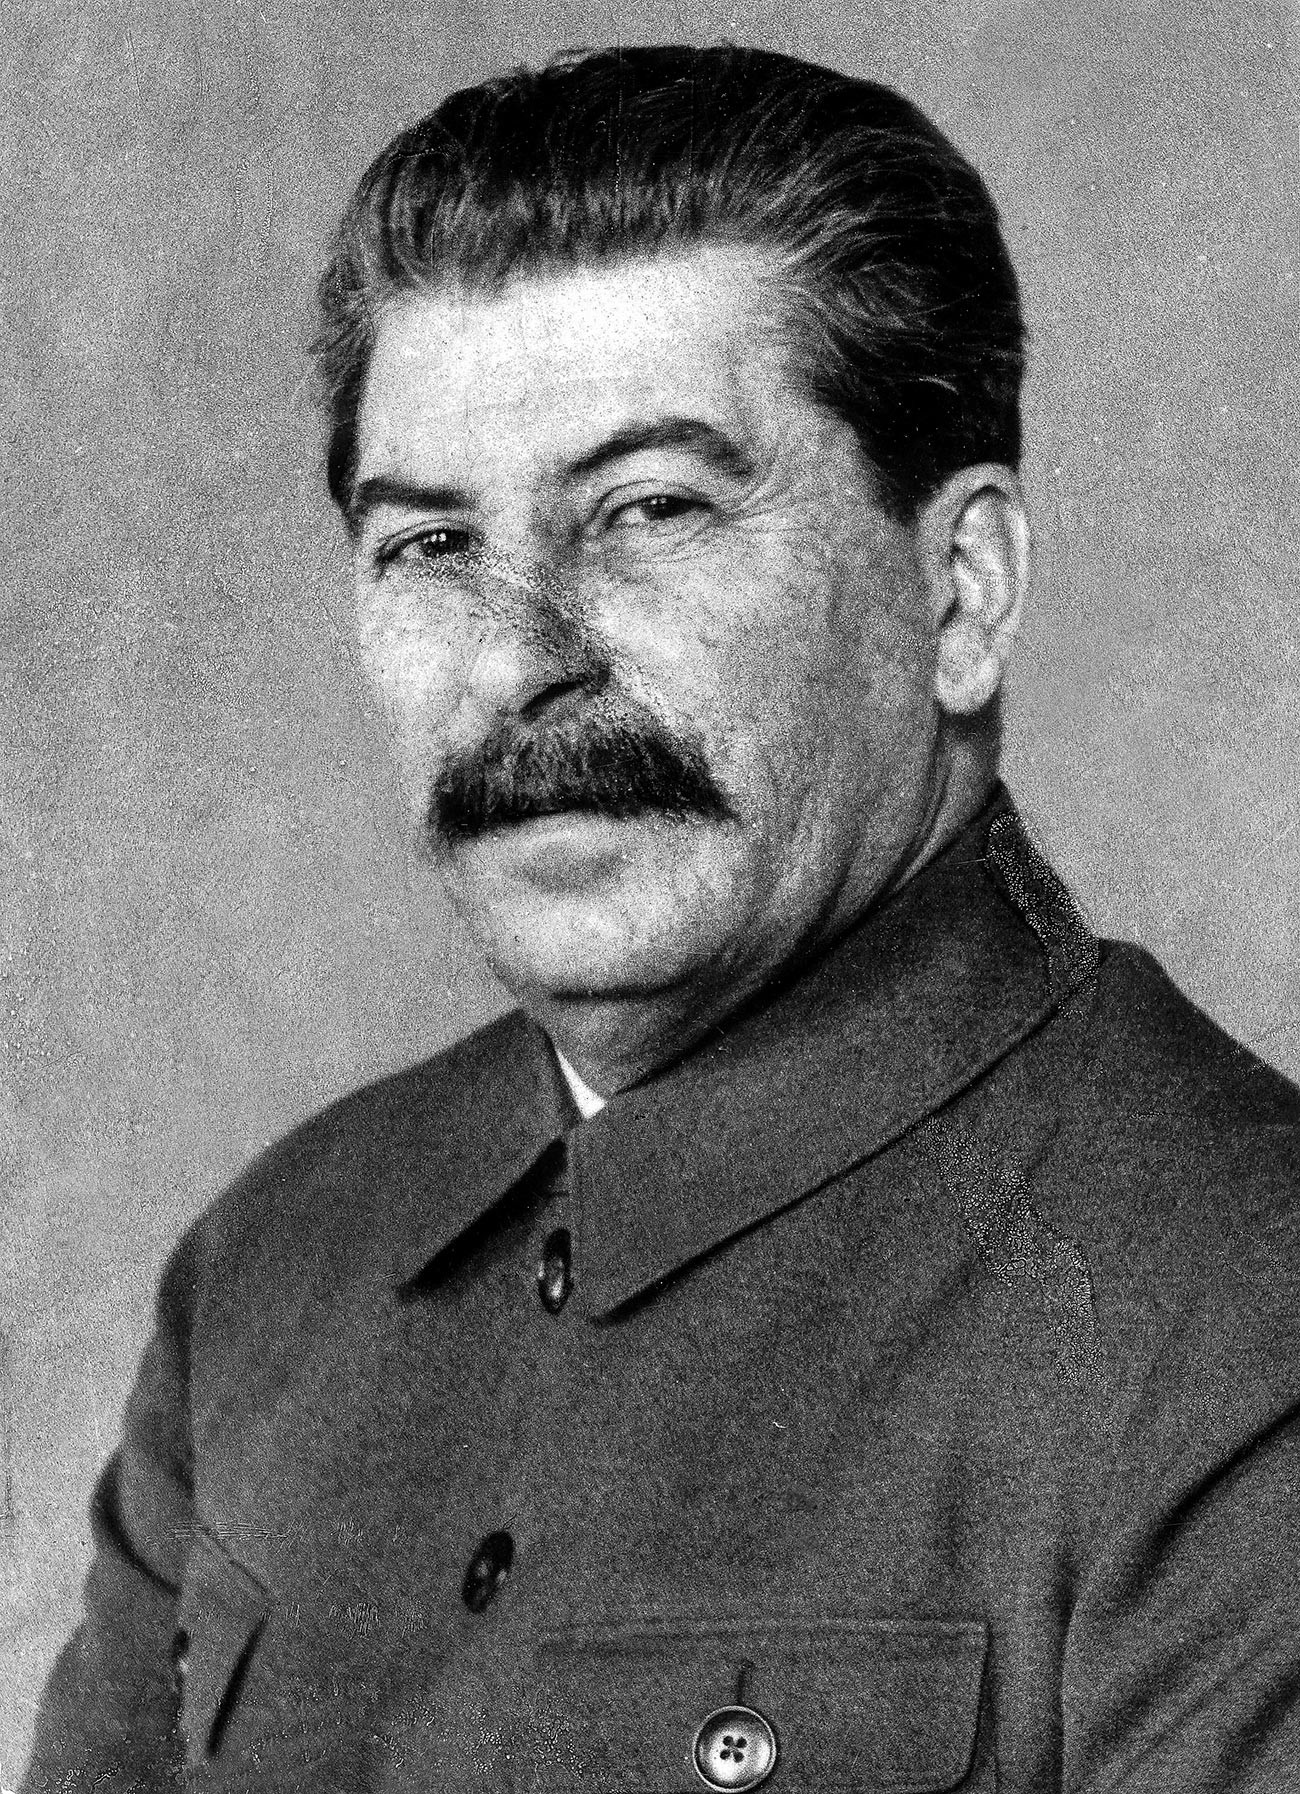 Иосиф Сталин. До сегодняшнего дня фотографии Сталина с оспинами довольно трудно найти и тем более приобрести для коммерческого использования.